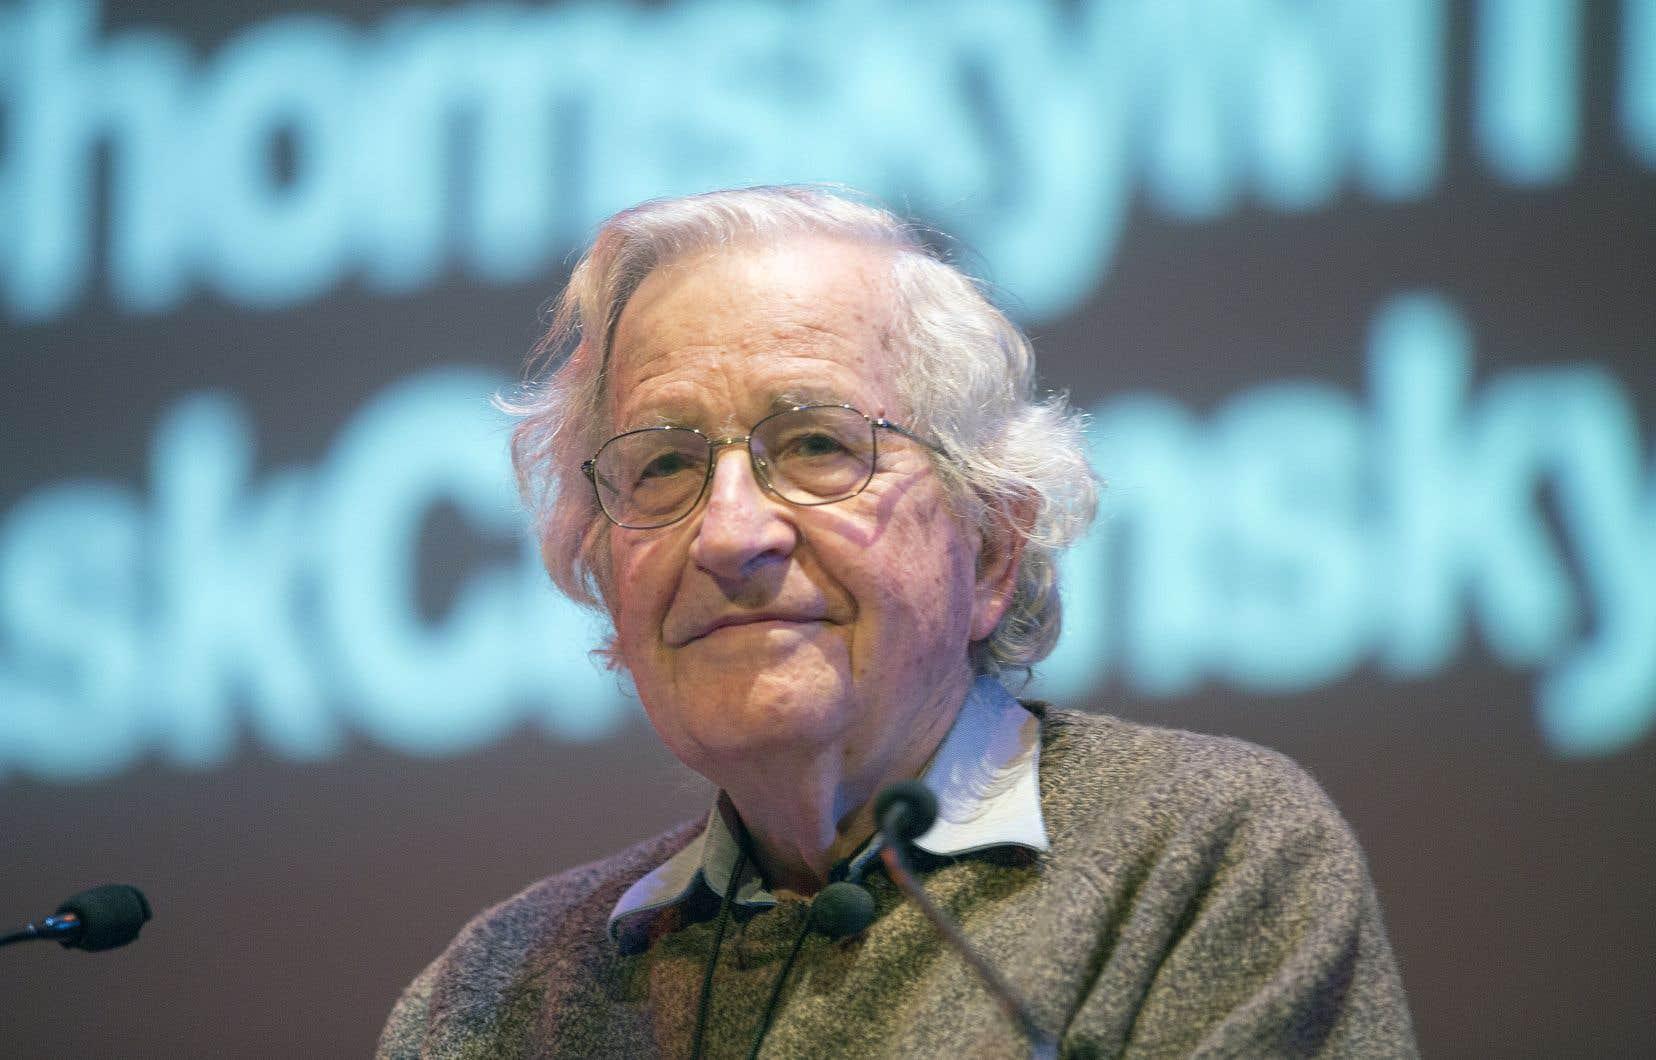 Dans le réquisitoire érudit qu'il dresse contre Washington, Noam Chomsky donne l'exemple le plus parlant d'une hypocrisie.